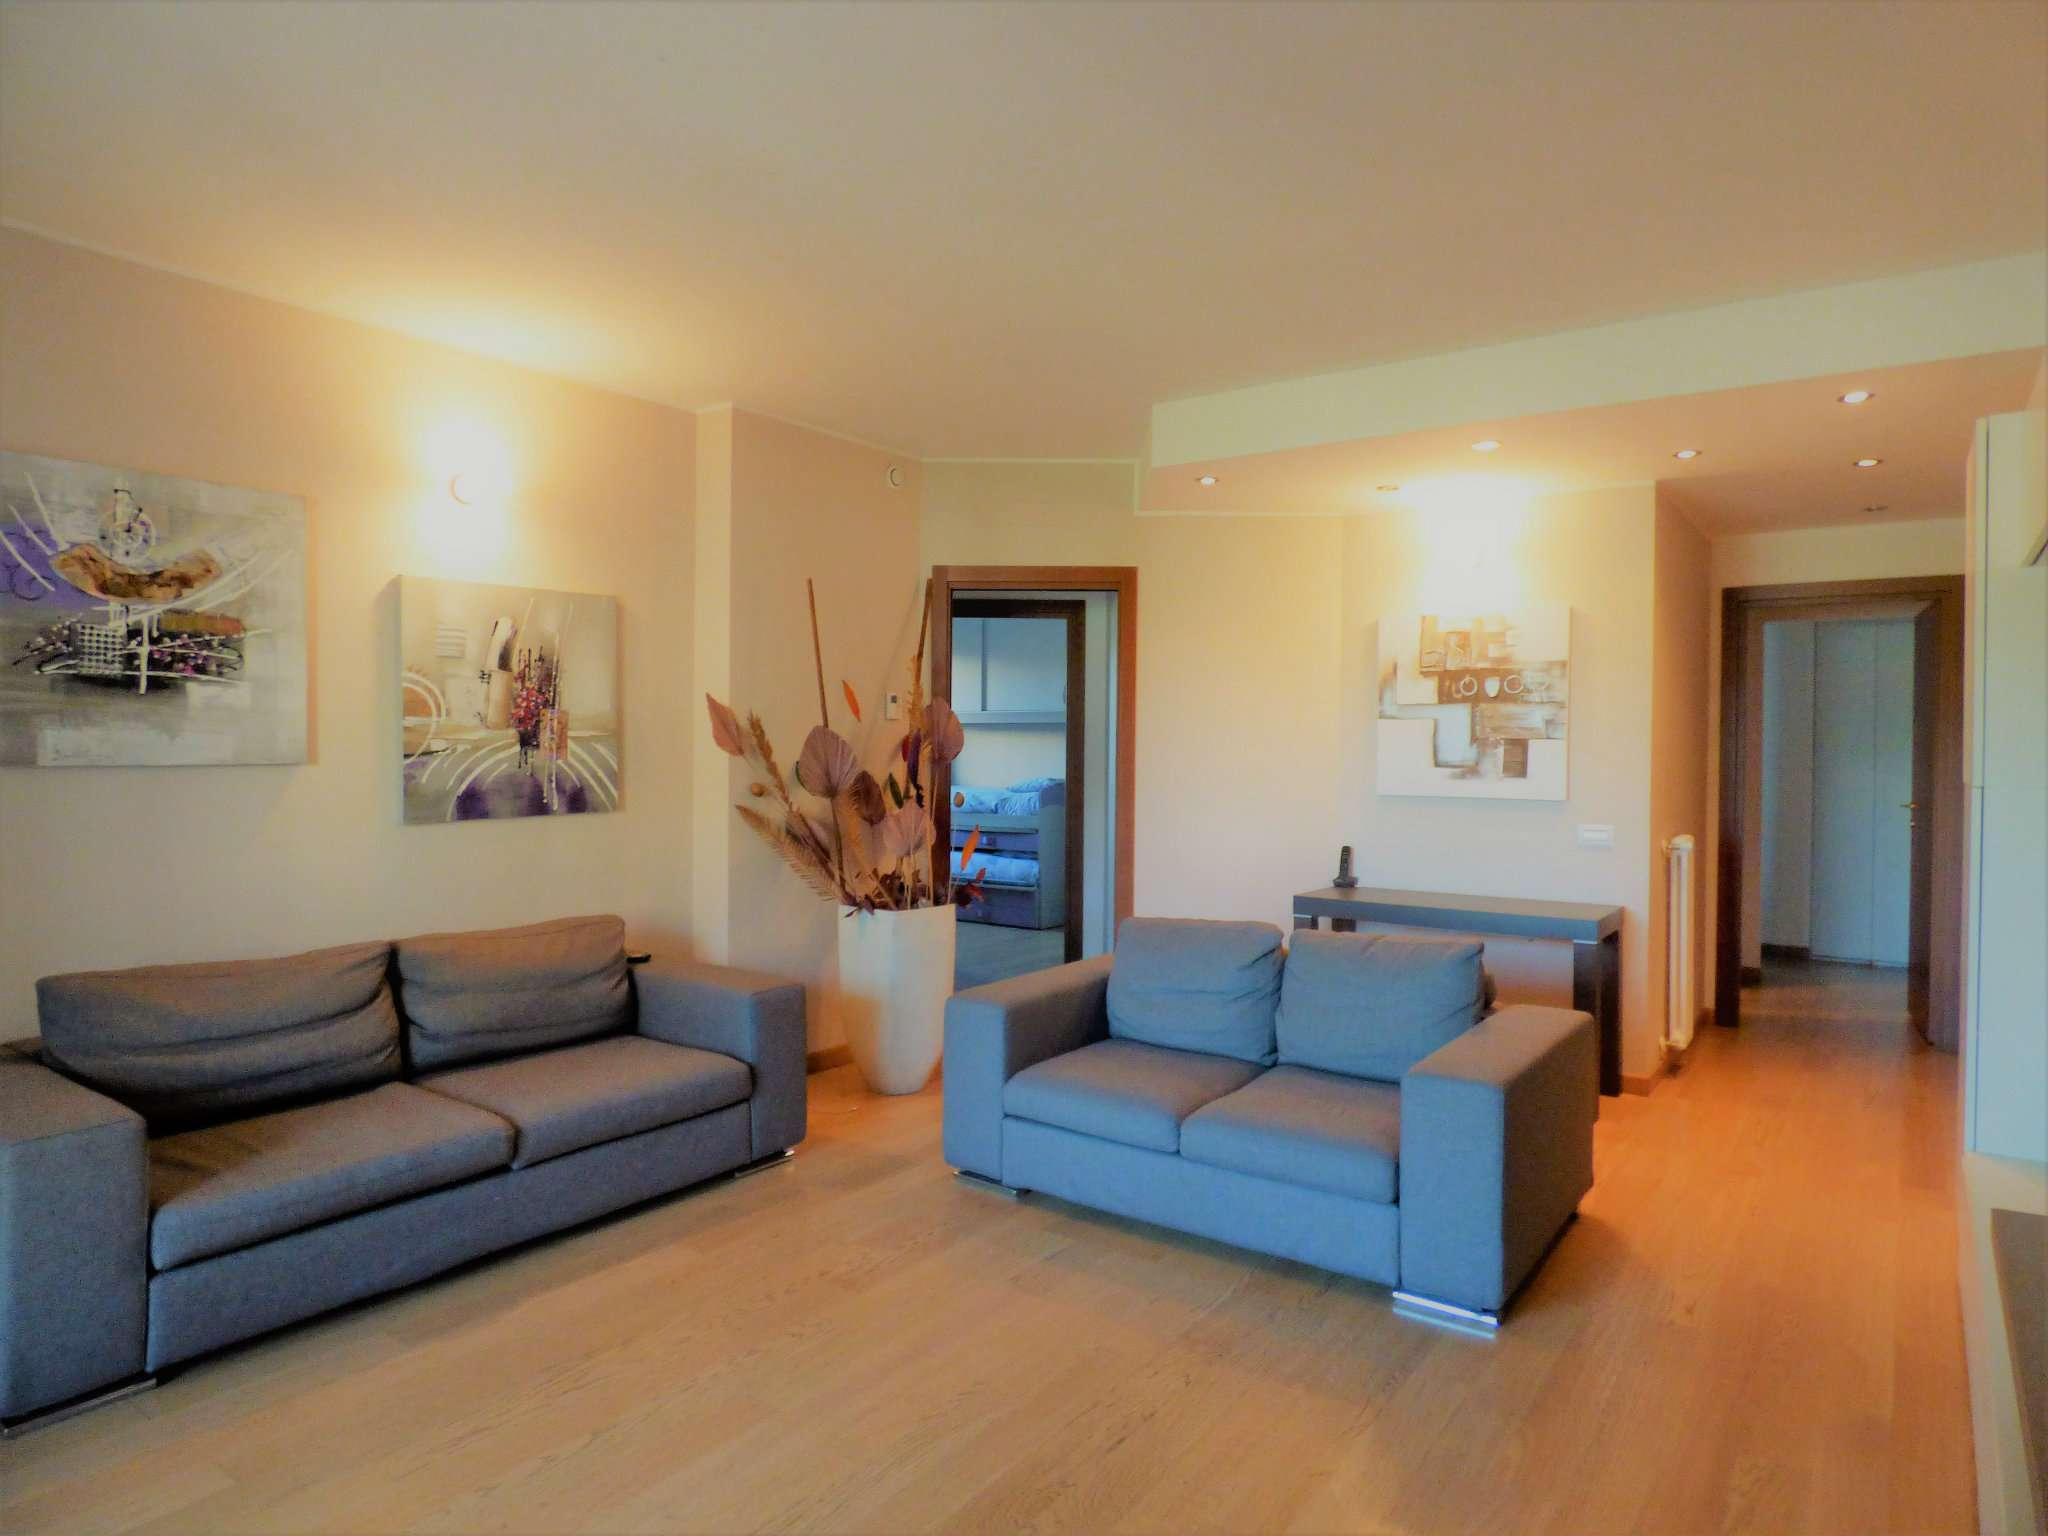 Appartamento in vendita a Milano, 4 locali, zona Zona: 14 . Lotto, Novara, San Siro, QT8 , Montestella, Rembrandt, prezzo € 375.000 | CambioCasa.it